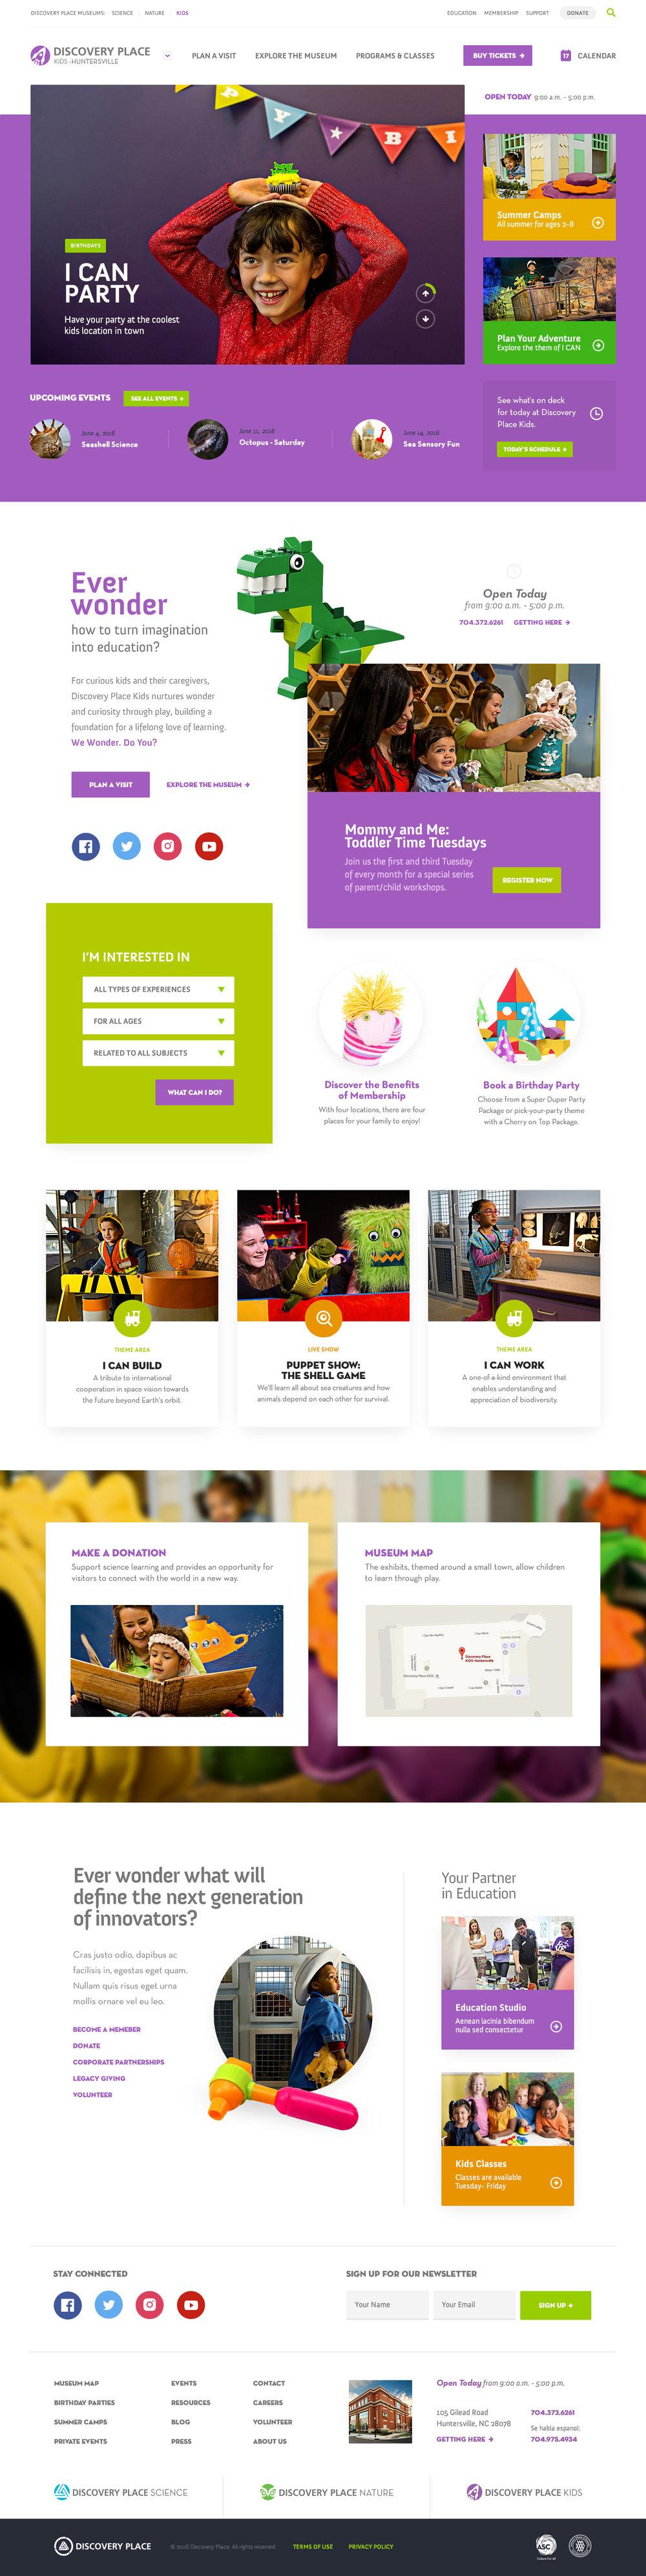 1.1-dpkh-homepage.jpg